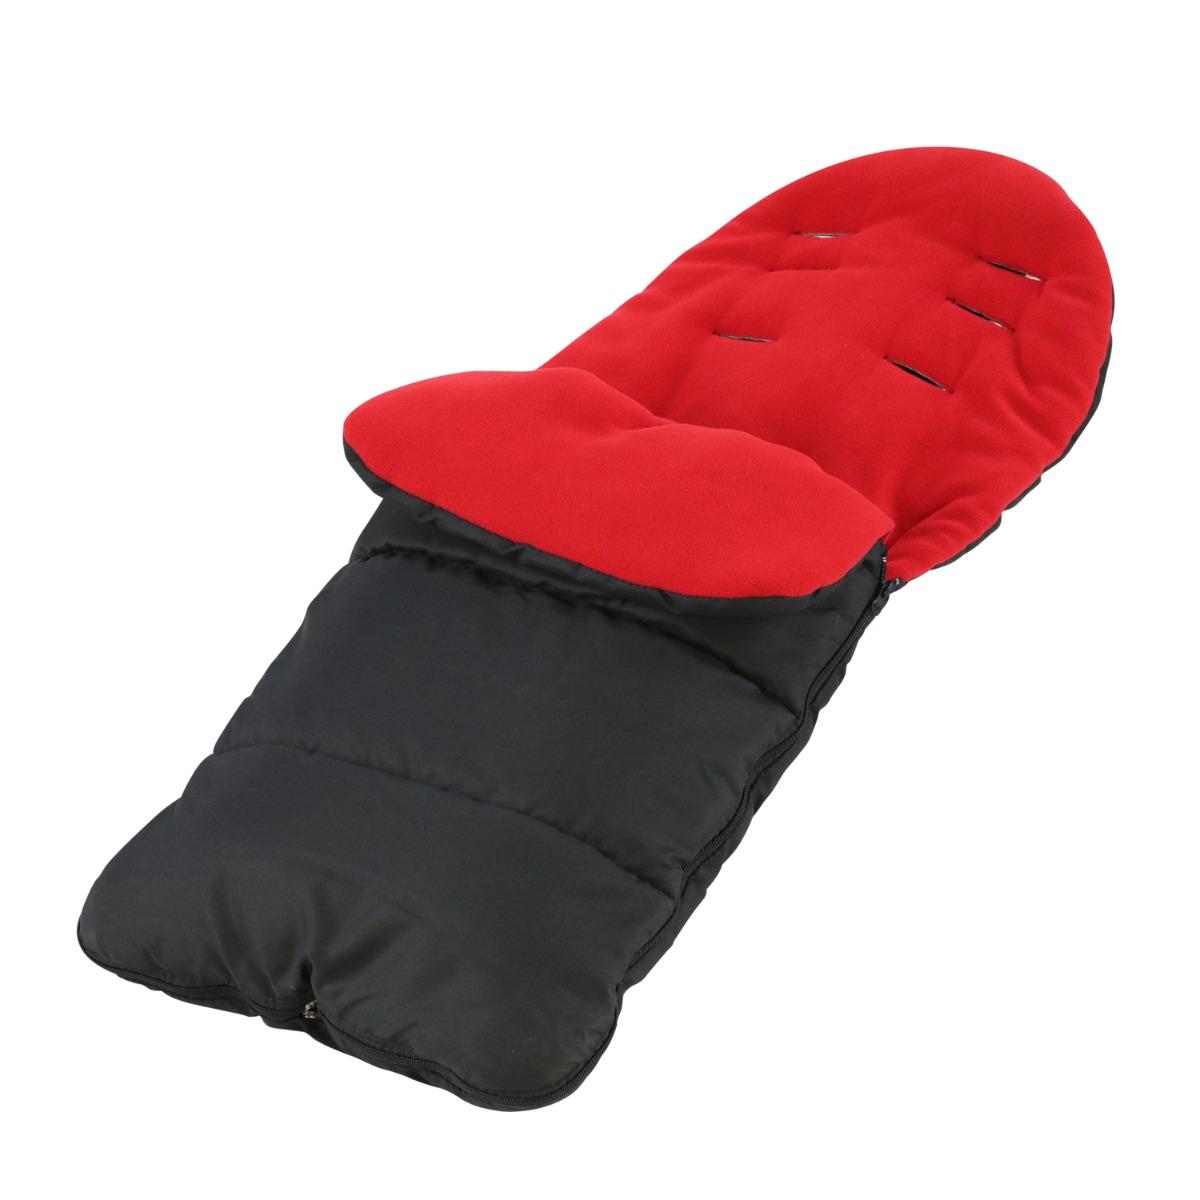 Premium Cochecito Saco//Cosy toes compatible con Mothercare